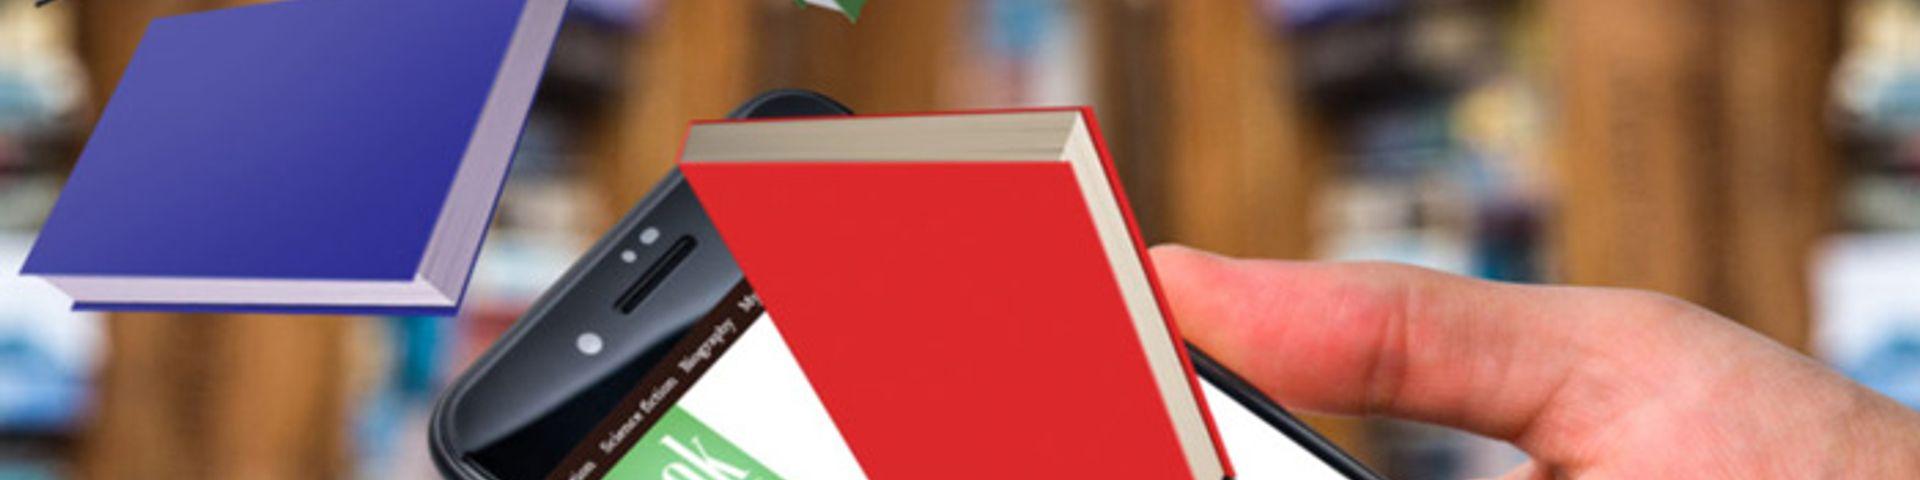 Medios de comunicación e interacción online con el cliente en el sector librero